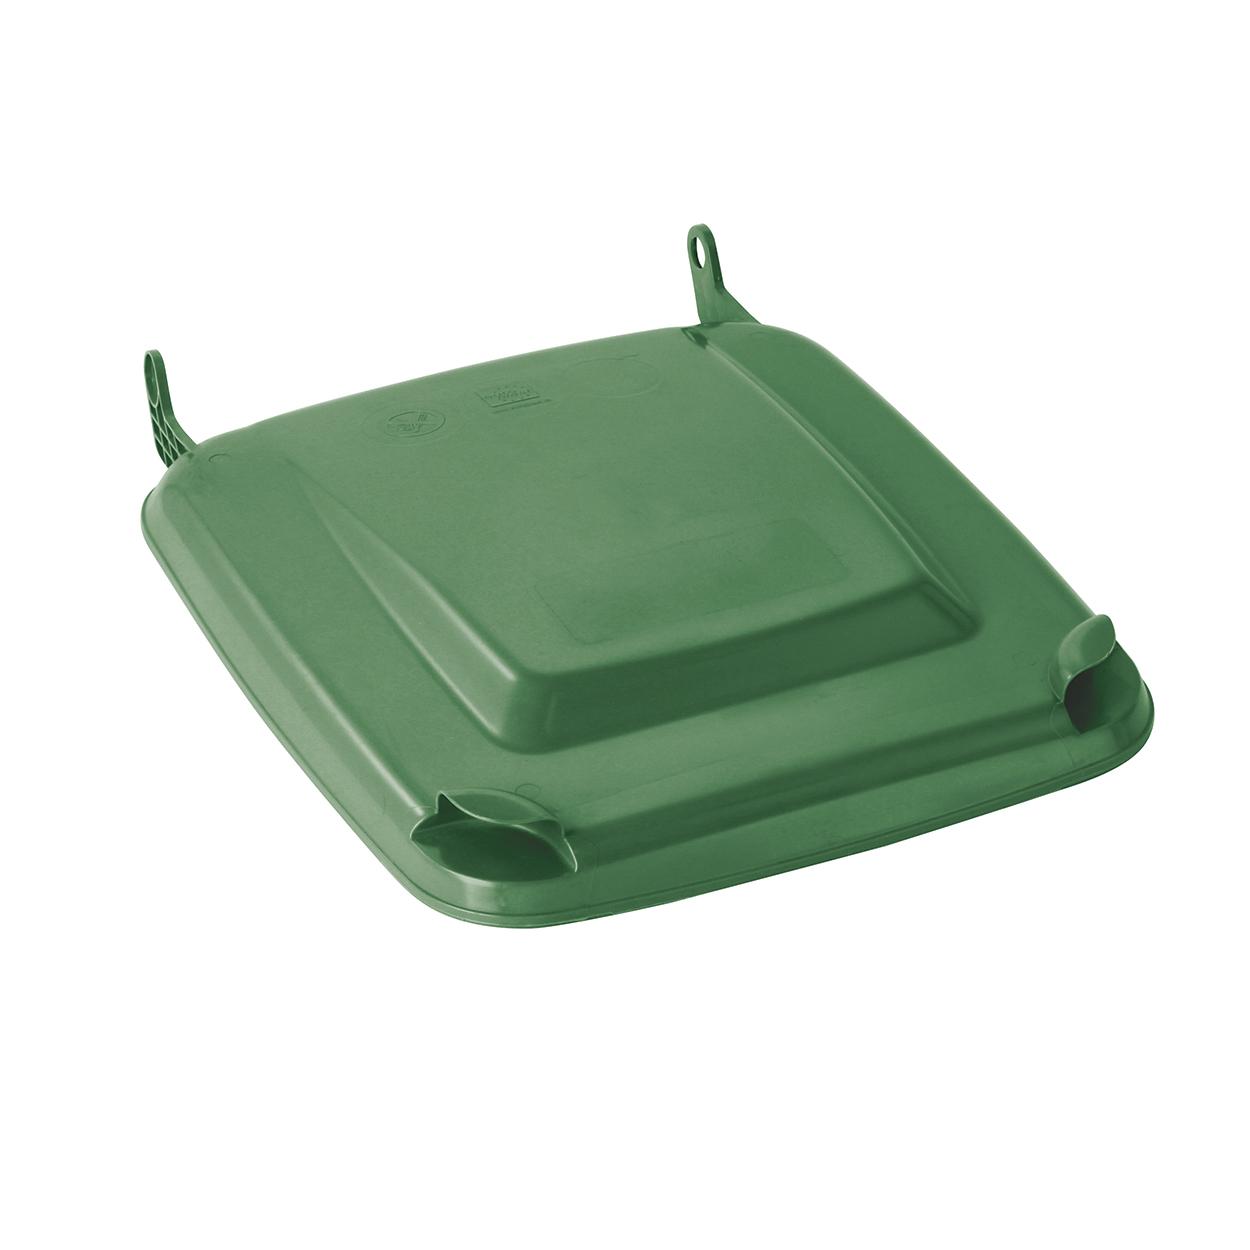 Víko k plastové nádobě 240 l, zelené